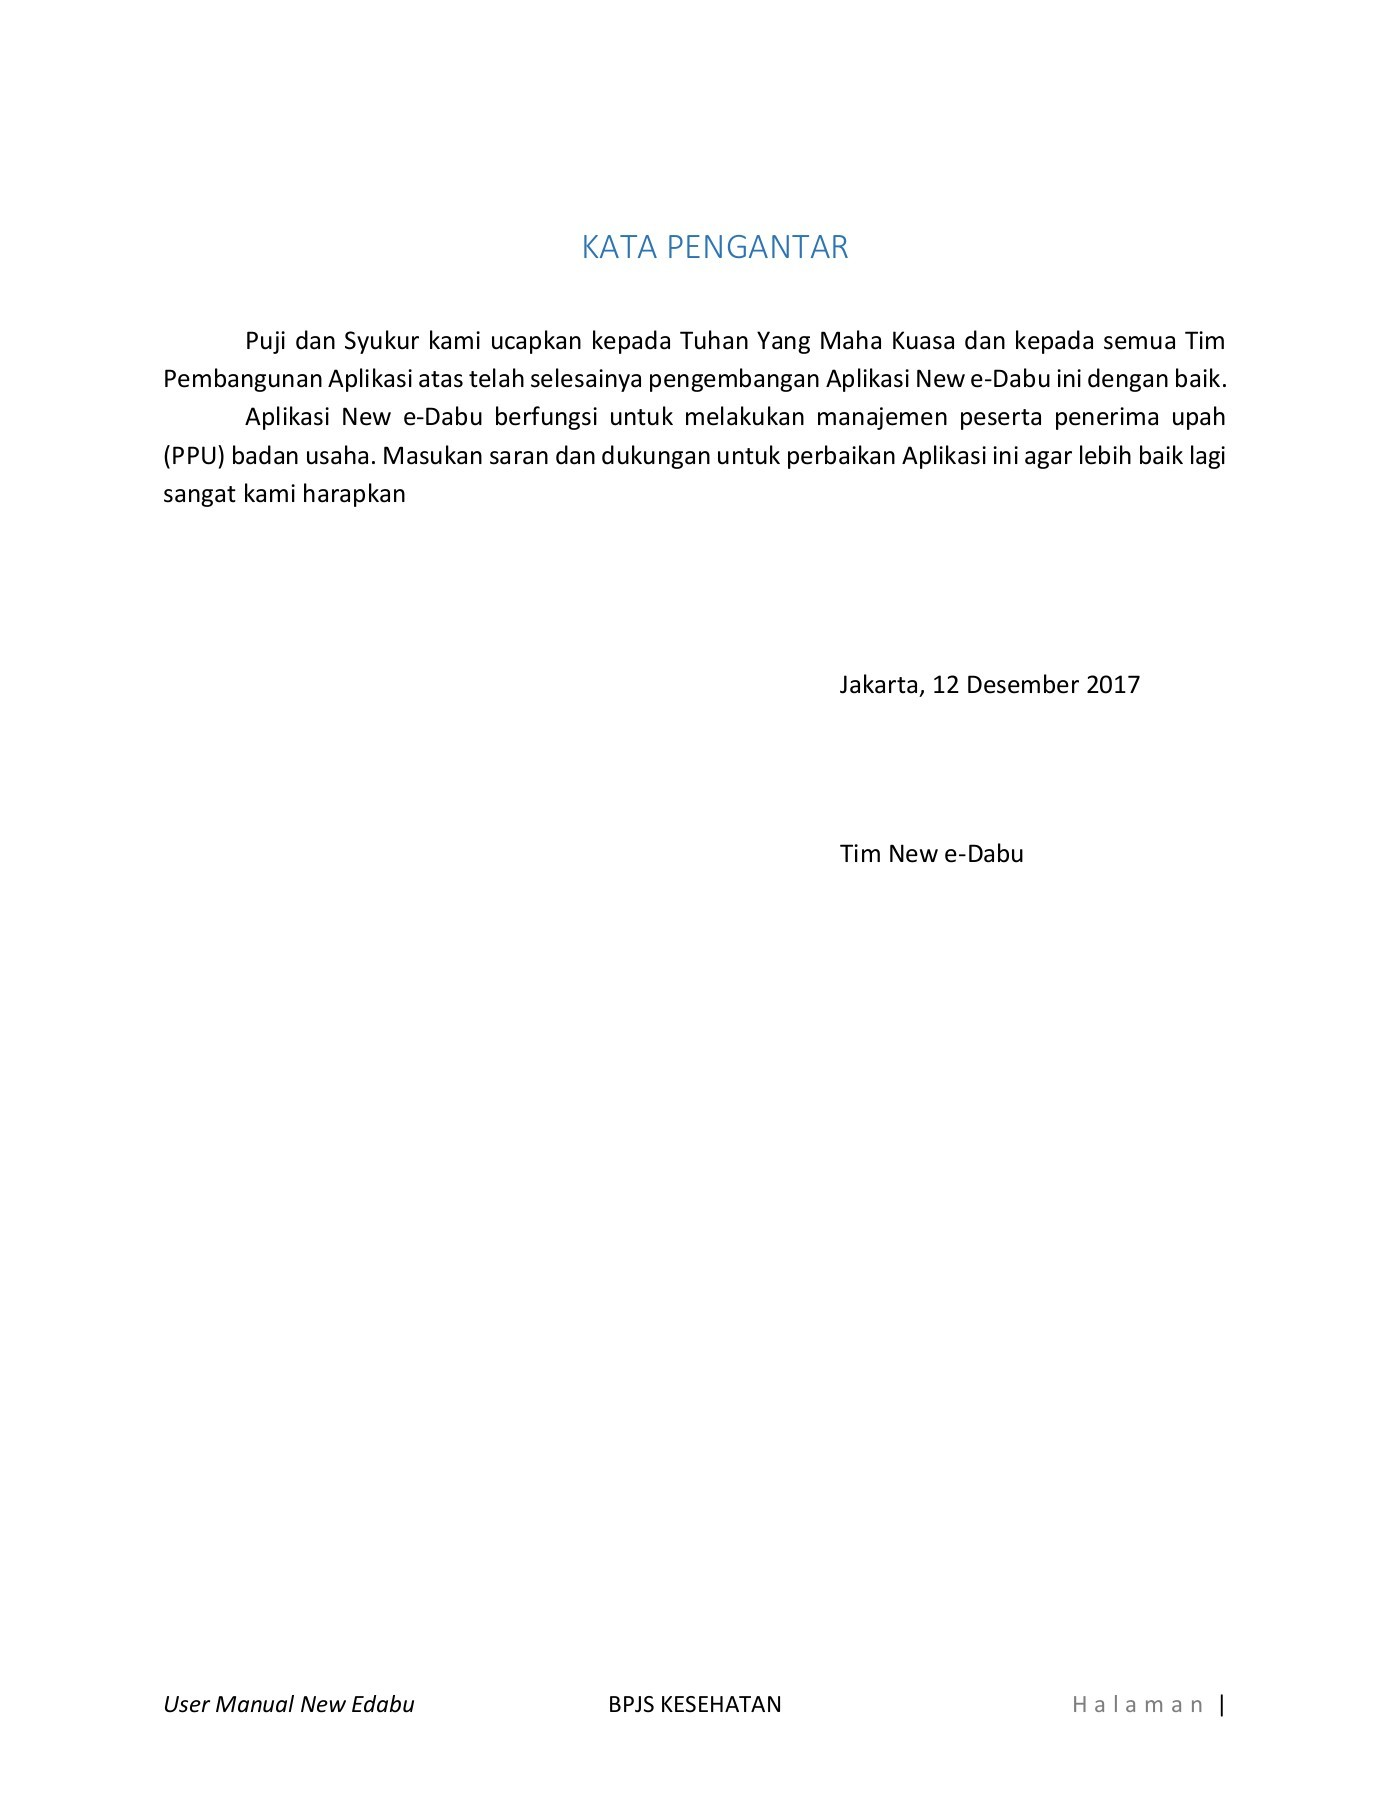 Cara Menonaktifkan Peserta Bpjs Kesehatan Di Edabu : menonaktifkan, peserta, kesehatan, edabu, Tutorial, Kesehatan, Blog.lif.co.id